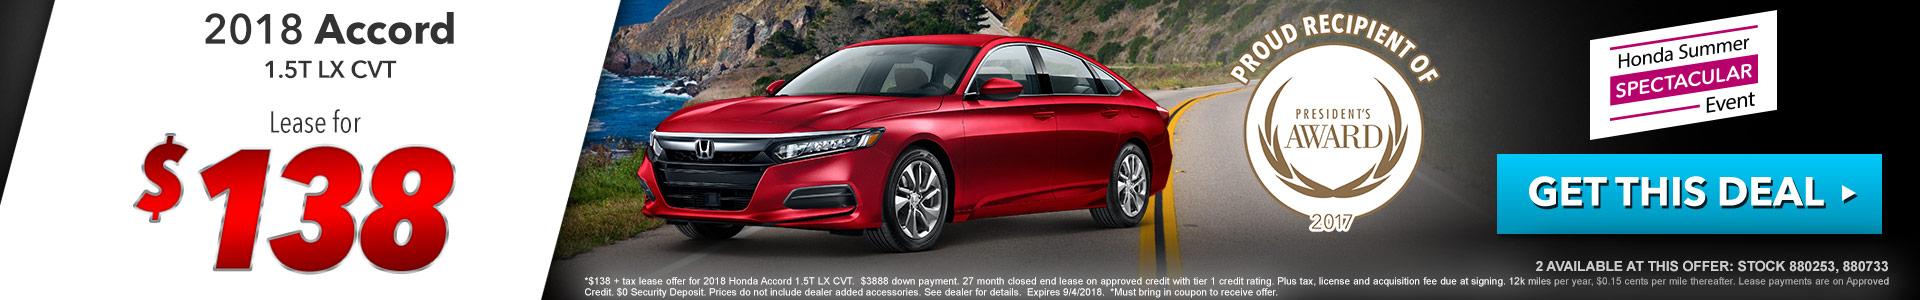 Honda Accord $138 Lease